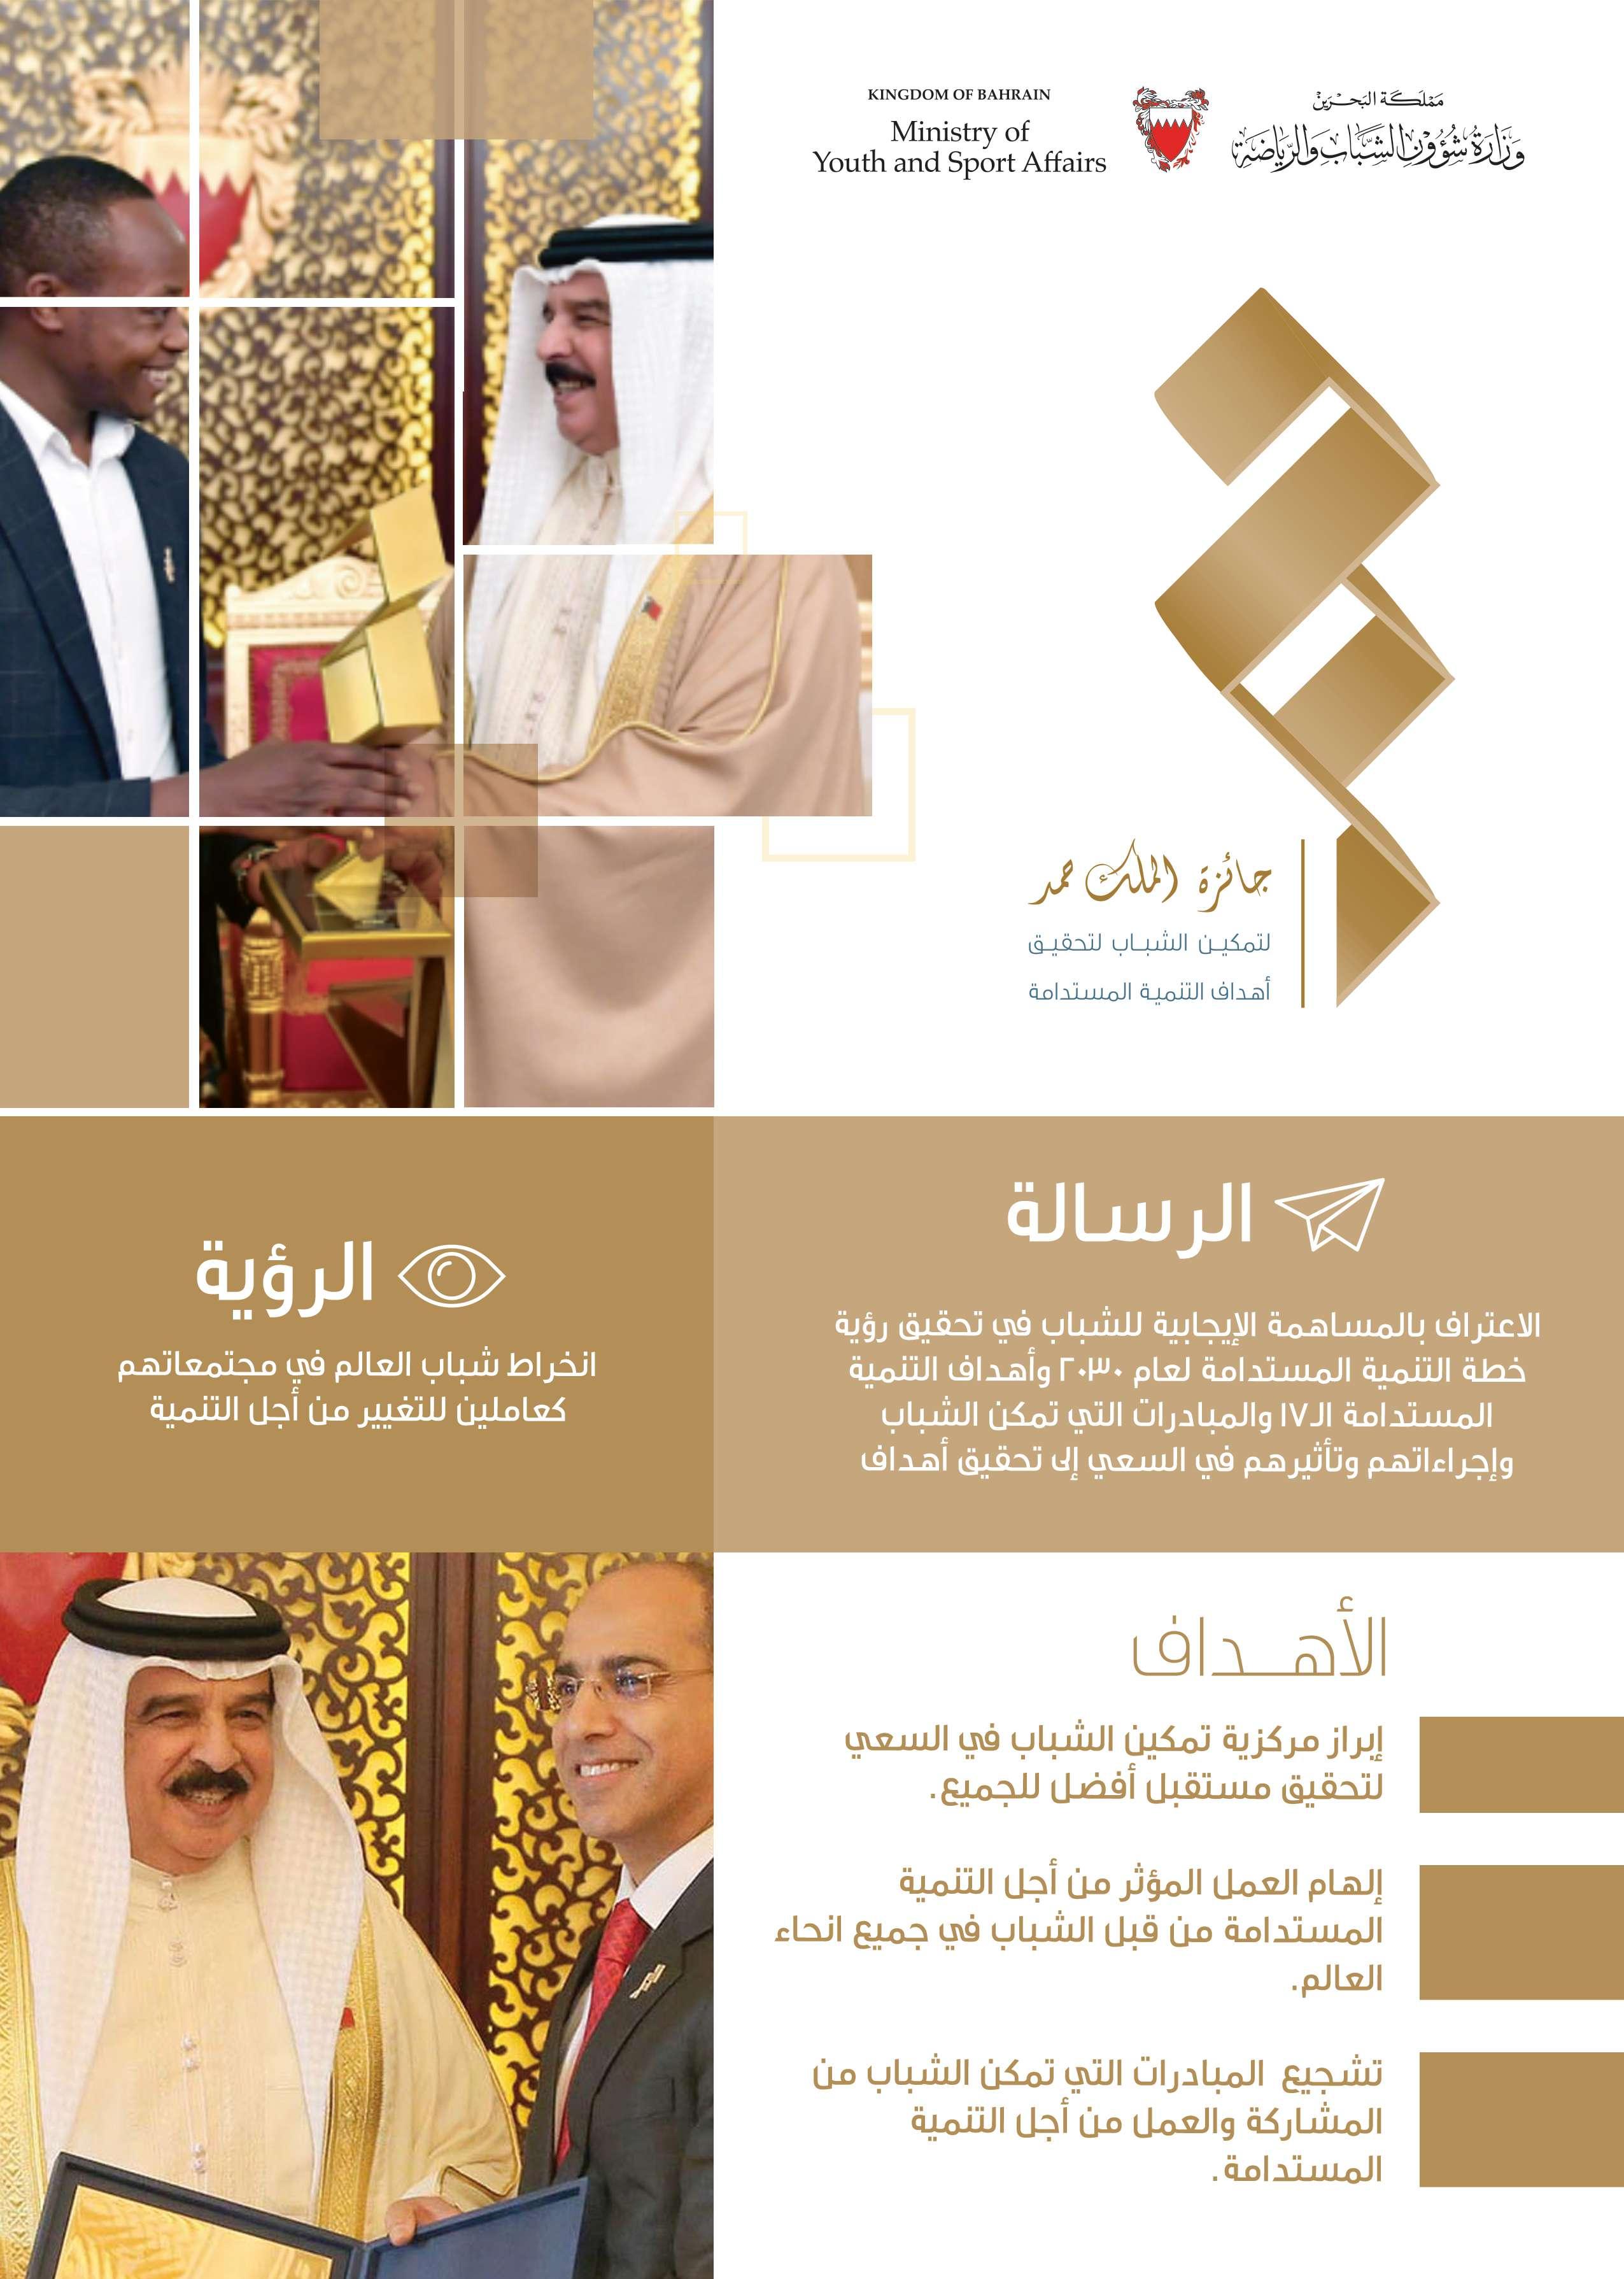 جائزة الملك حمد لتحقيق اهداف التنمية المستدامة